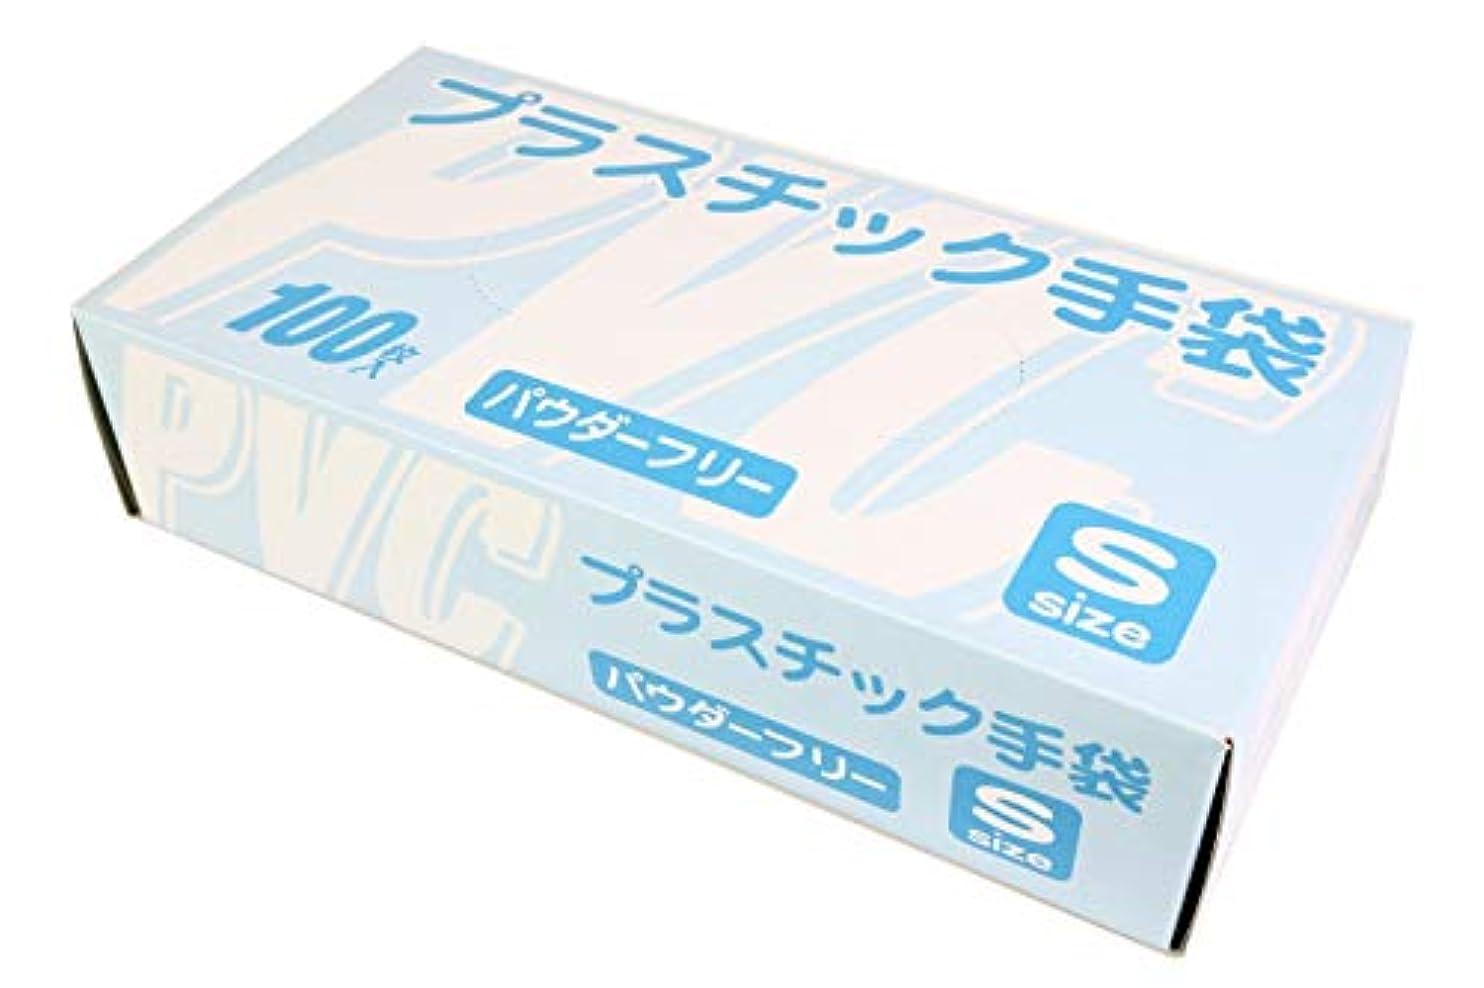 トライアスロンホット曲げる使い捨て手袋 プラスチックグローブ 粉なし(パウダーフリー) Sサイズ 100枚入 超薄手 破れにくい 100411